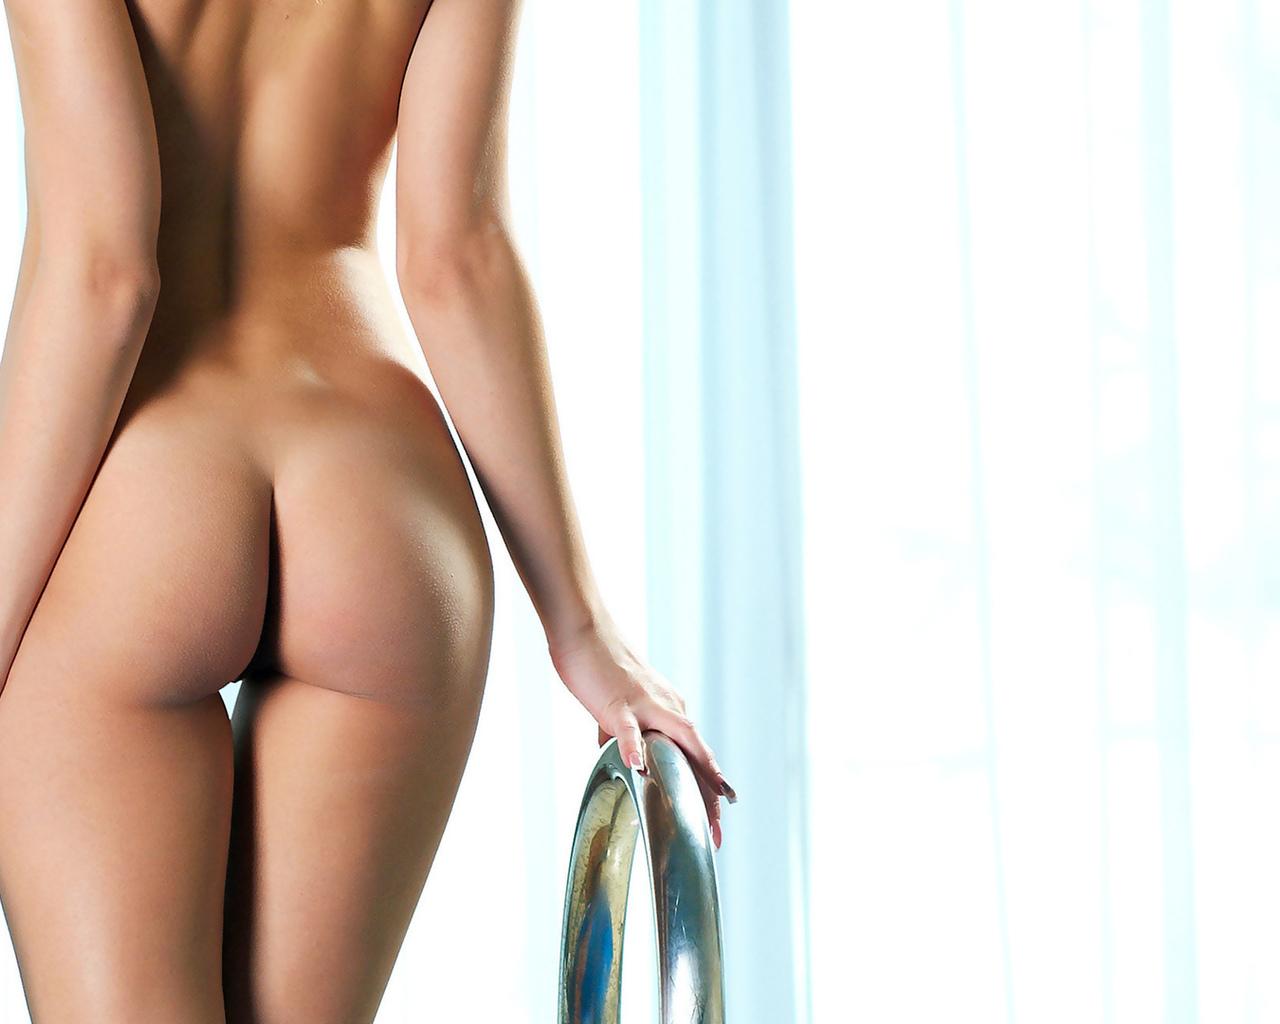 девушка, голая, красивая, ноги, попа